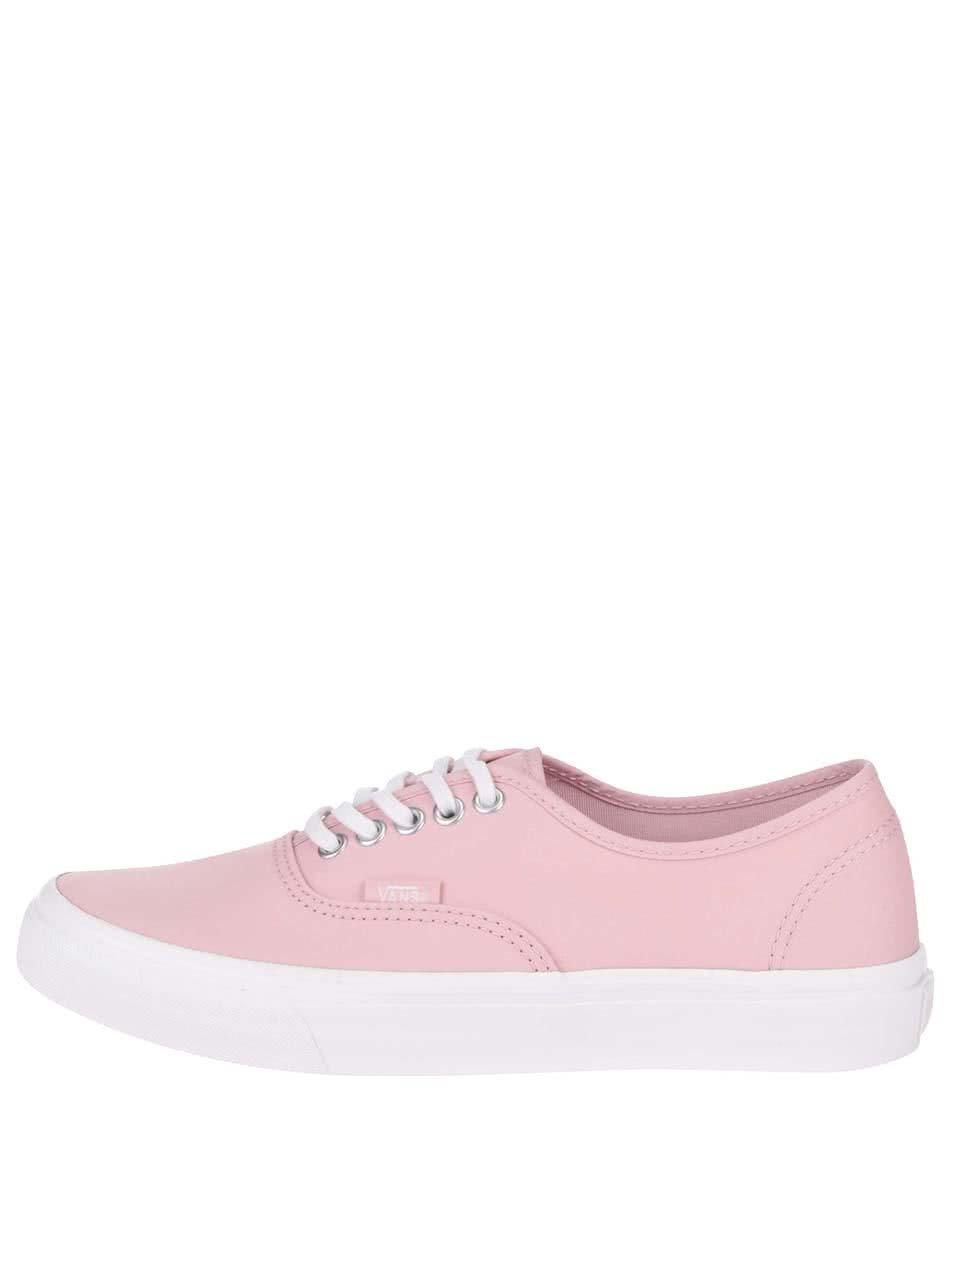 Ružové dámske tenisky Vans Authentic ... 9230558d22